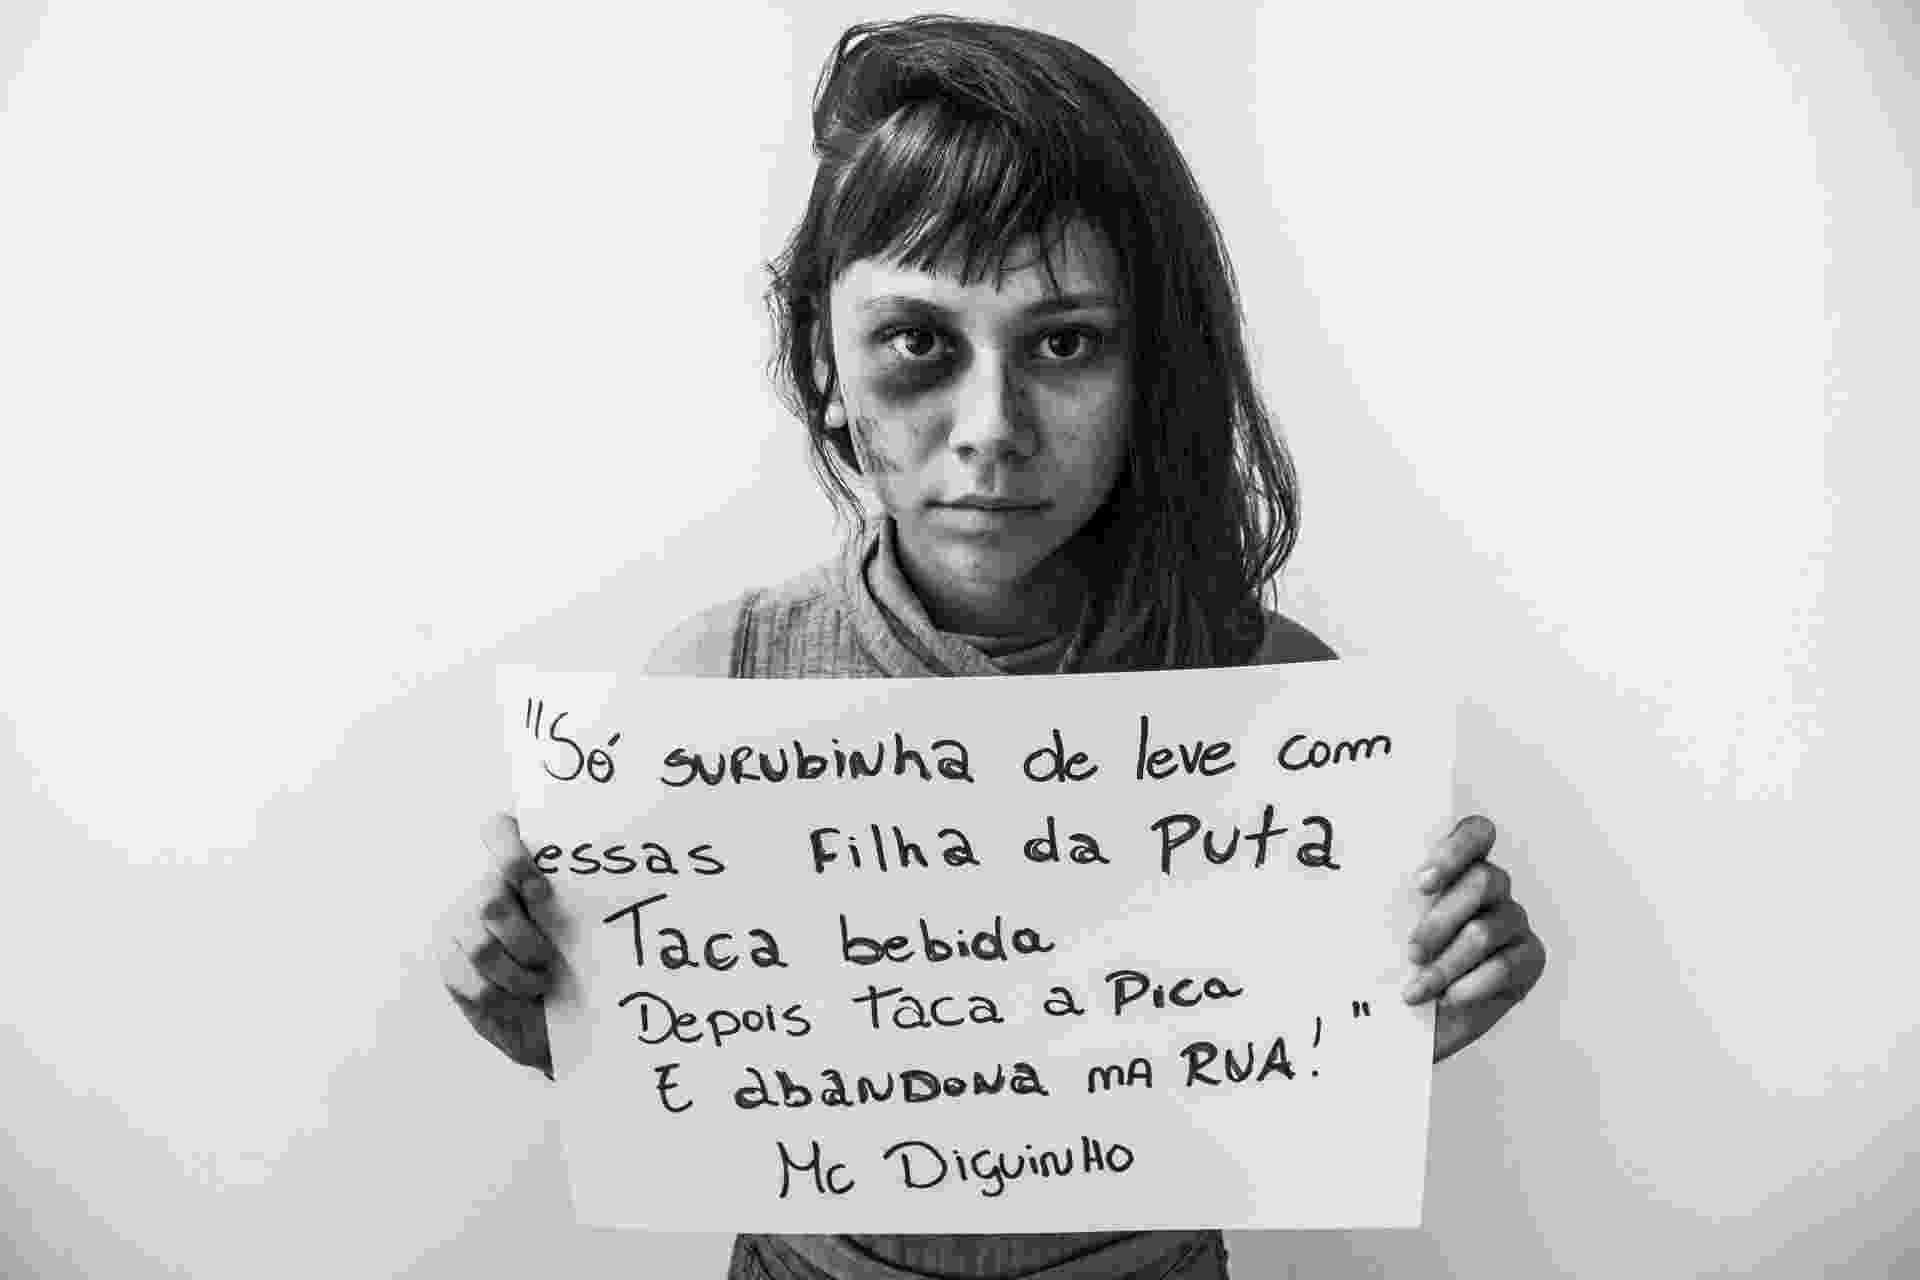 Prefeitura de São Leopoldo usa letras de música para fazer campanha contra violência contra a mulher - Thales Ferreira